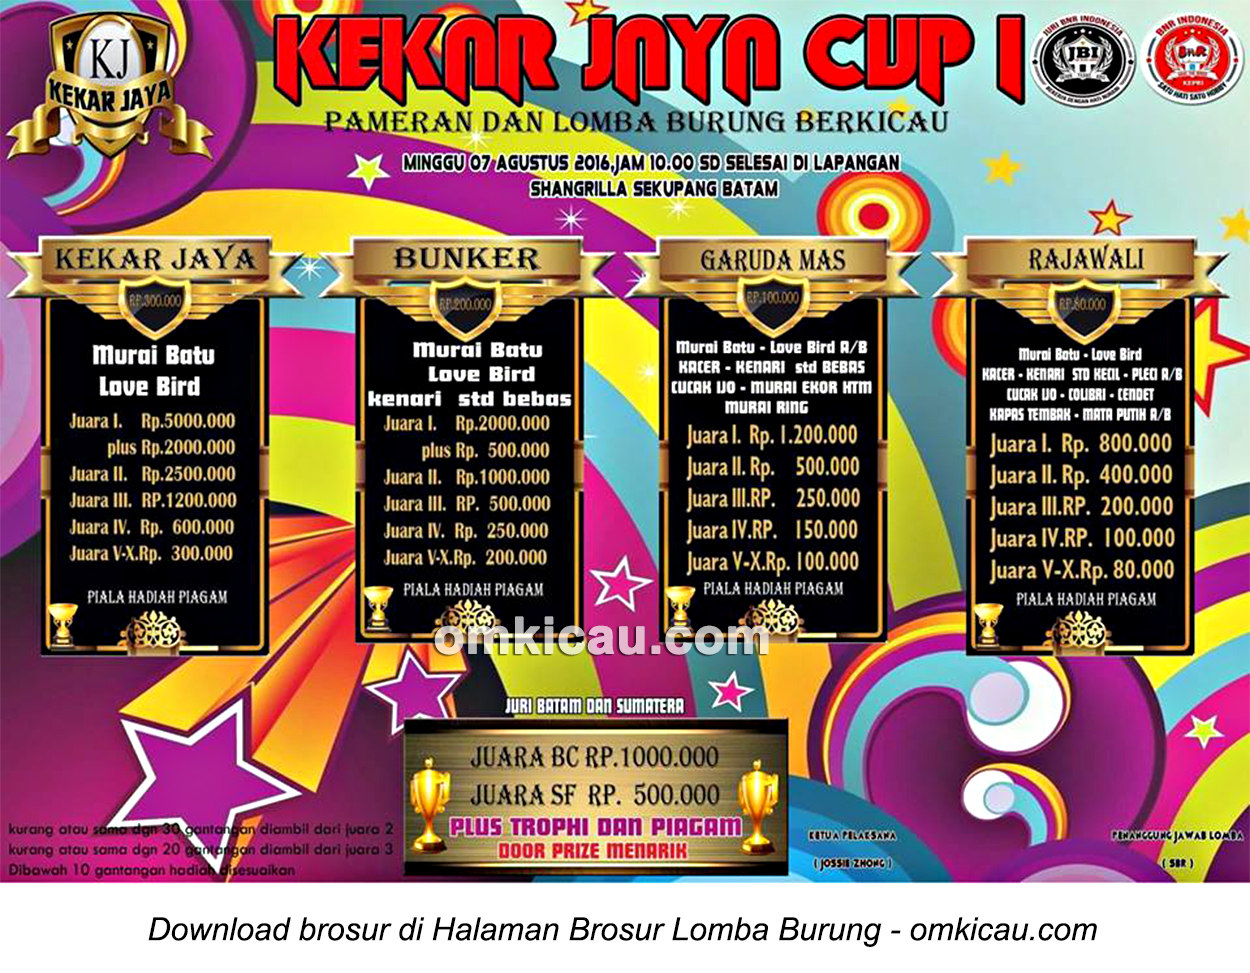 Brosur Lomba Burung Berkicau Kekar Jaya Cup I, Batam, 7 Agustus 2016